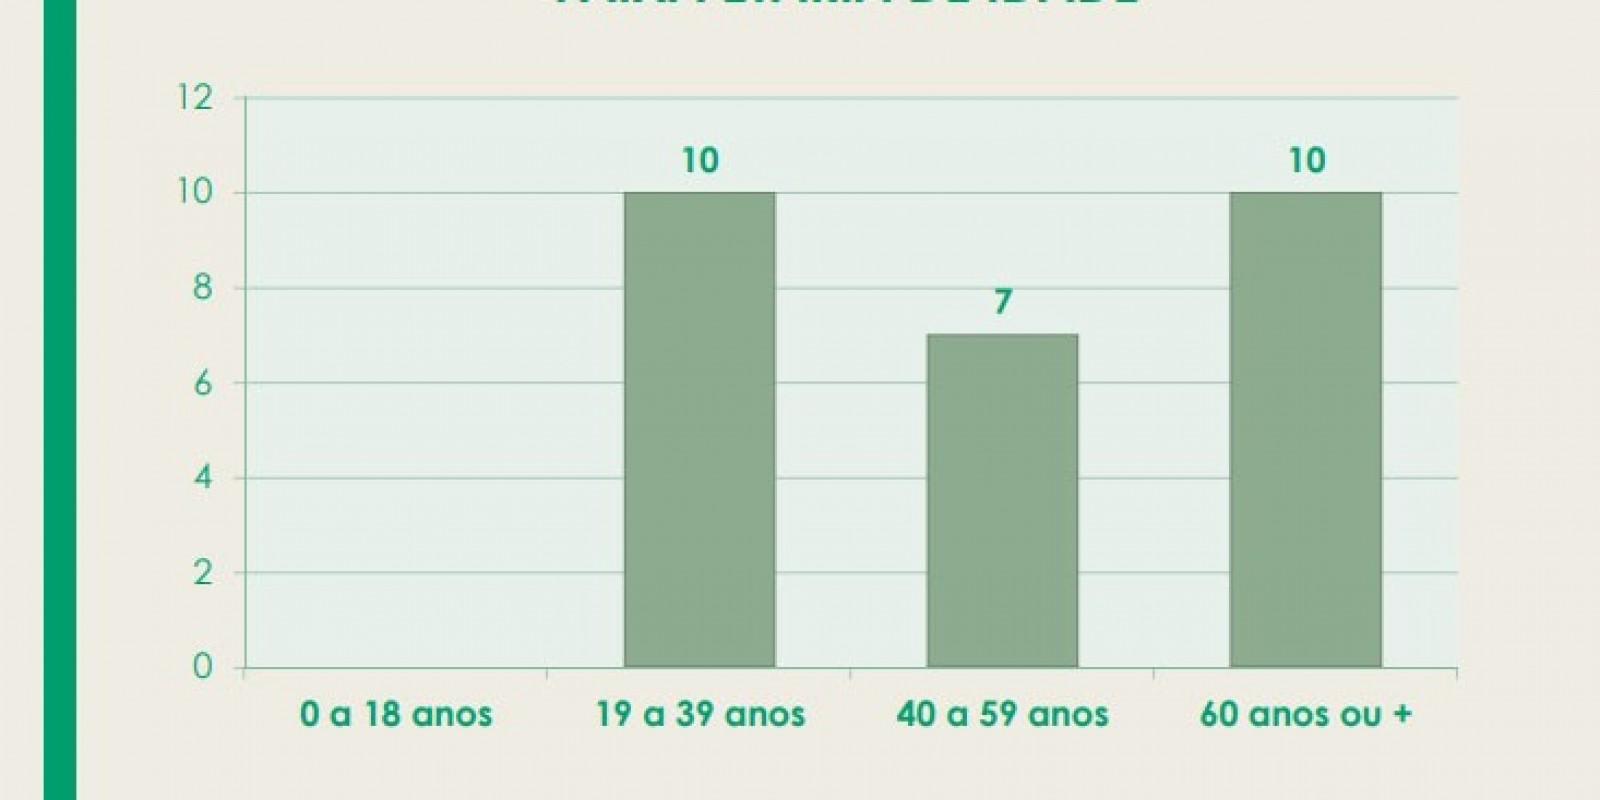 Em São Ludgero 57% que precisaram de UTI são da faixa etária entre 19 e 39 anos